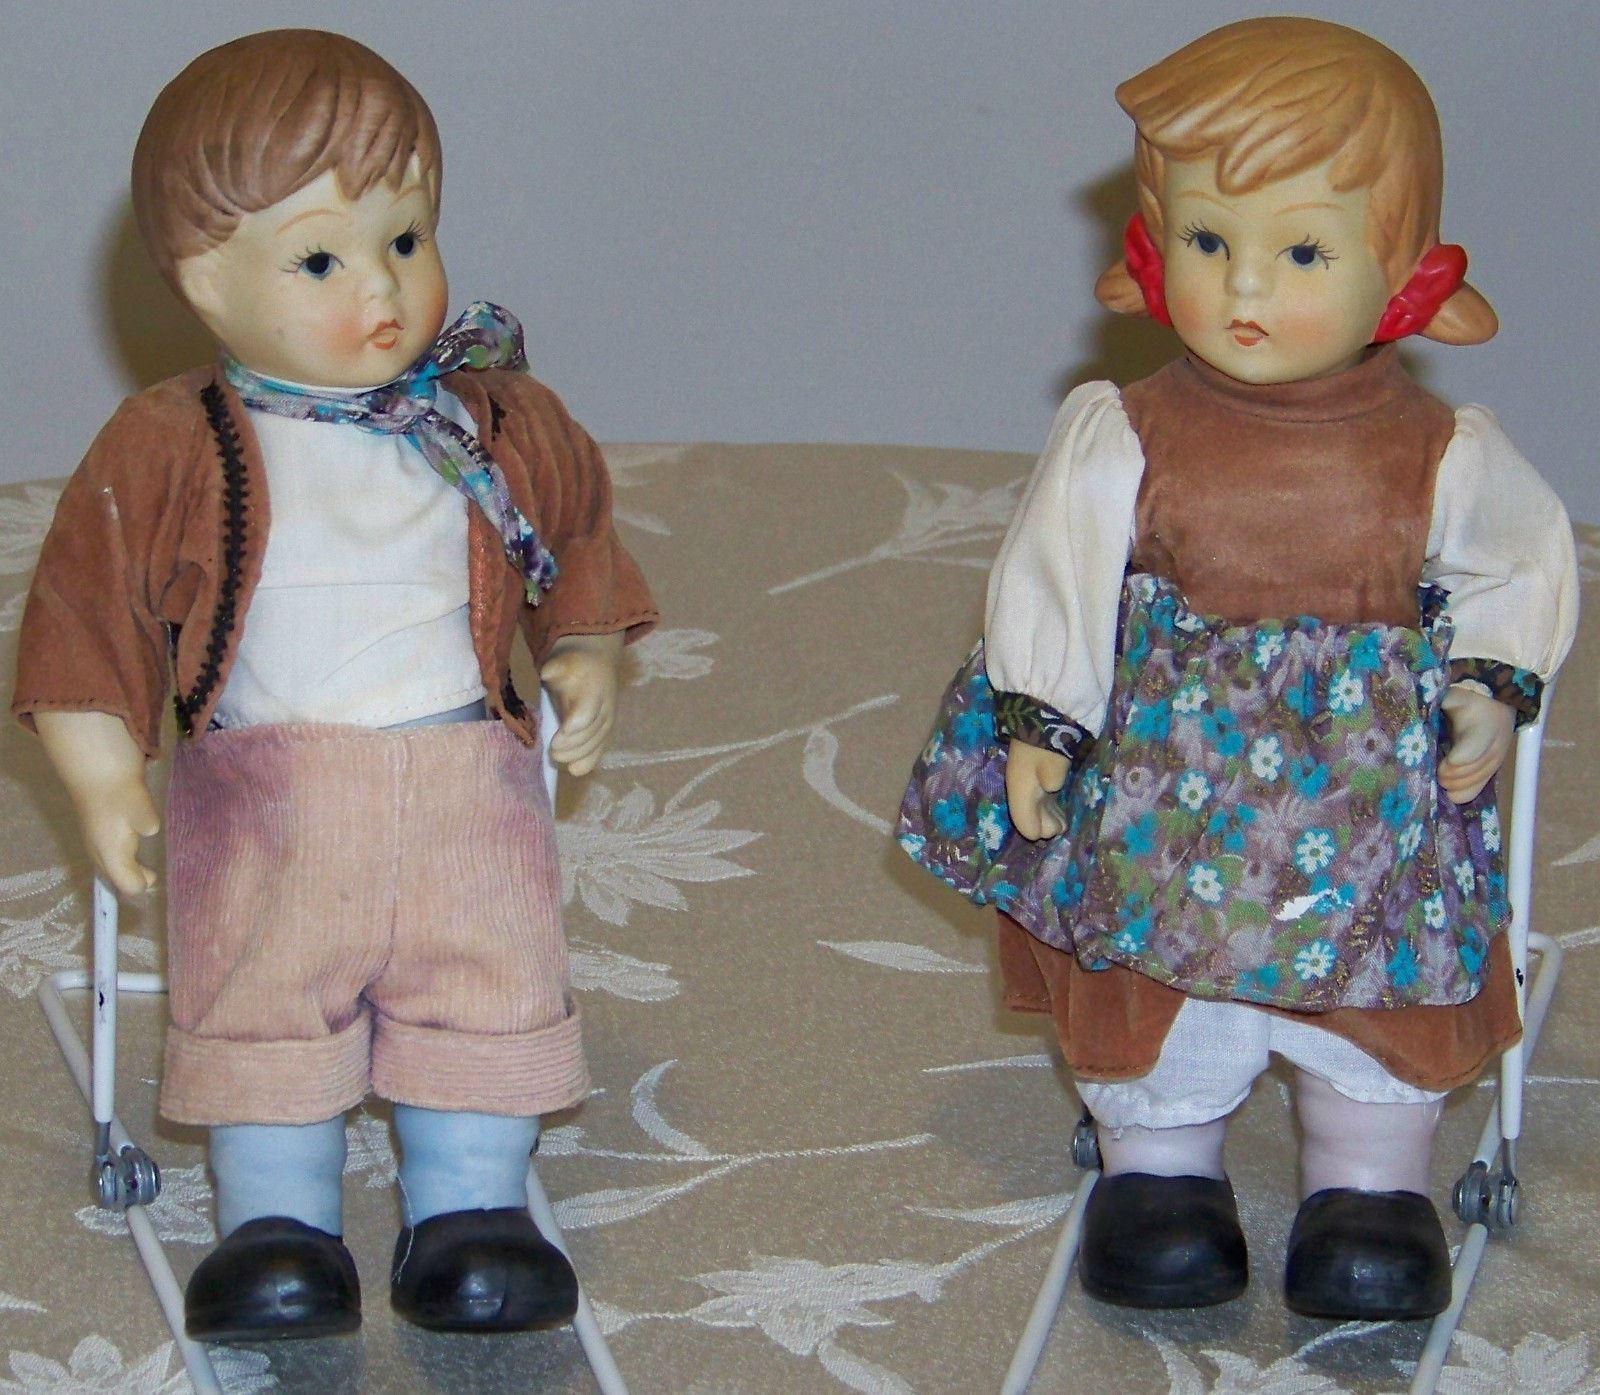 Par De Muñecas De Biscuit Boy & Girl W Brazos Movibles & Legs